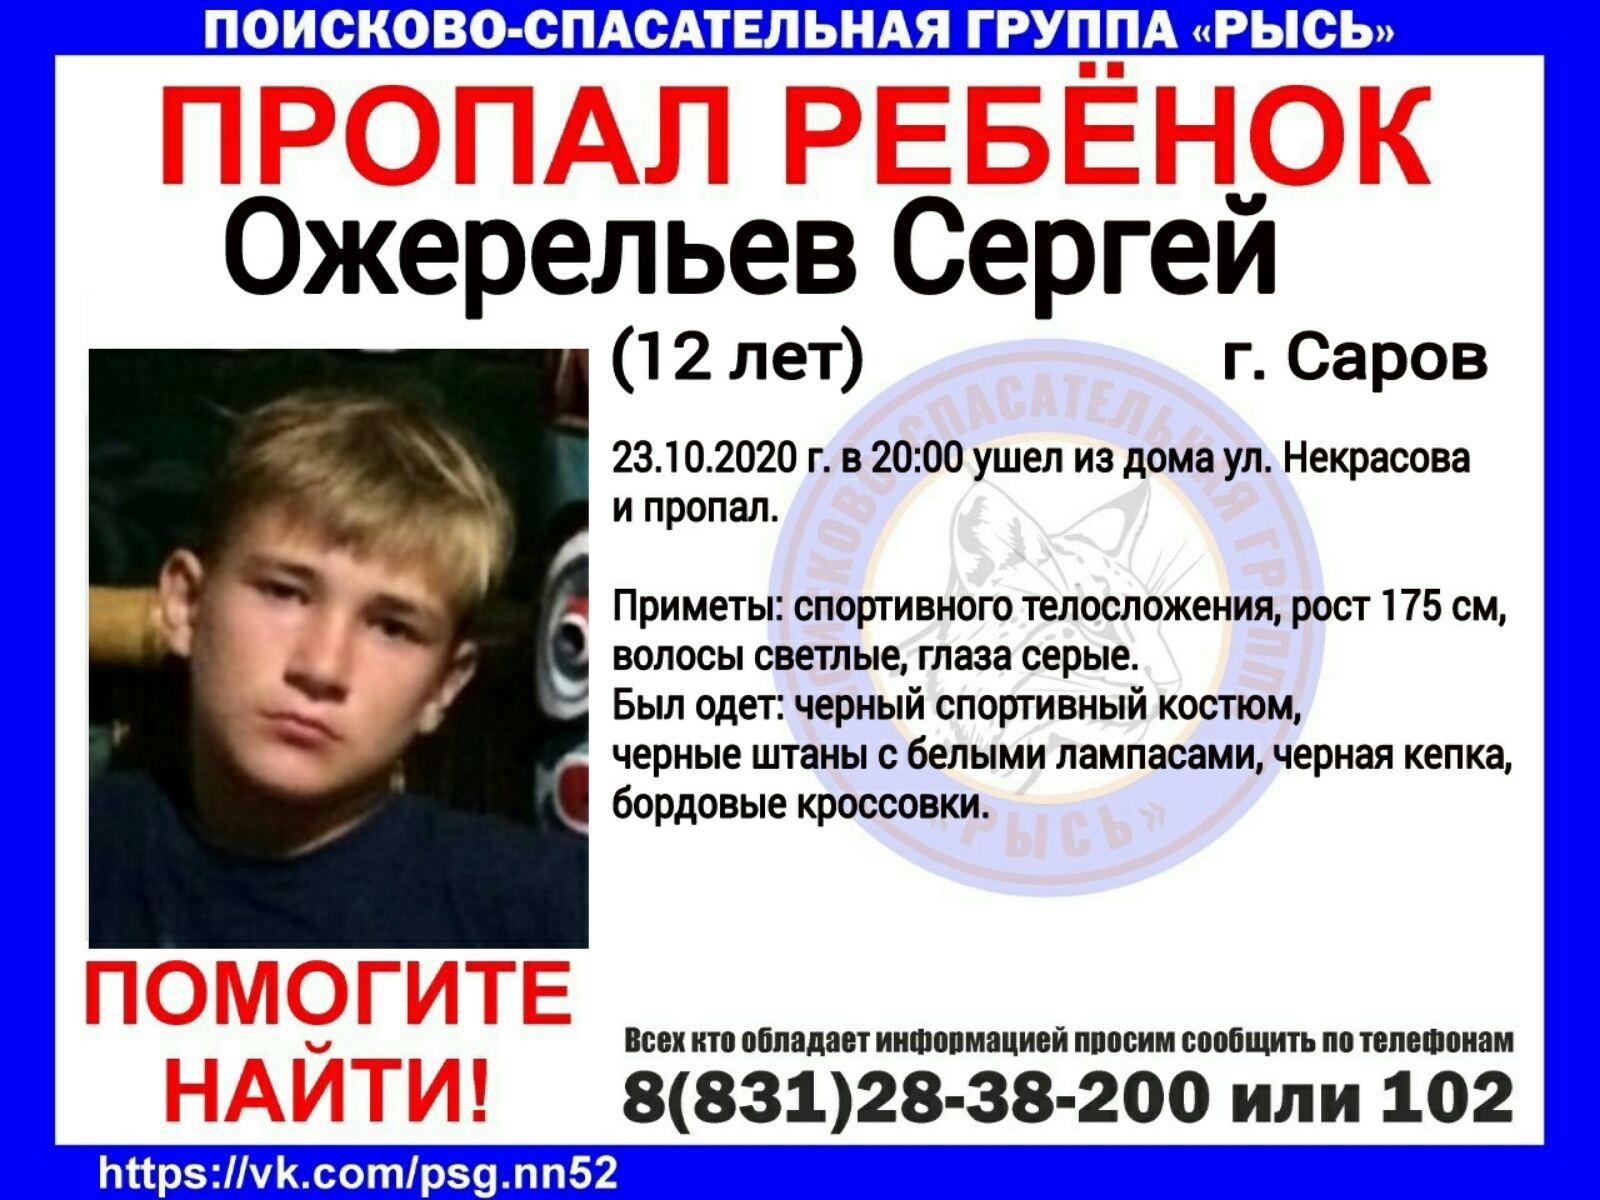 Ожерельев Сергей, 12 лет, г. Саров